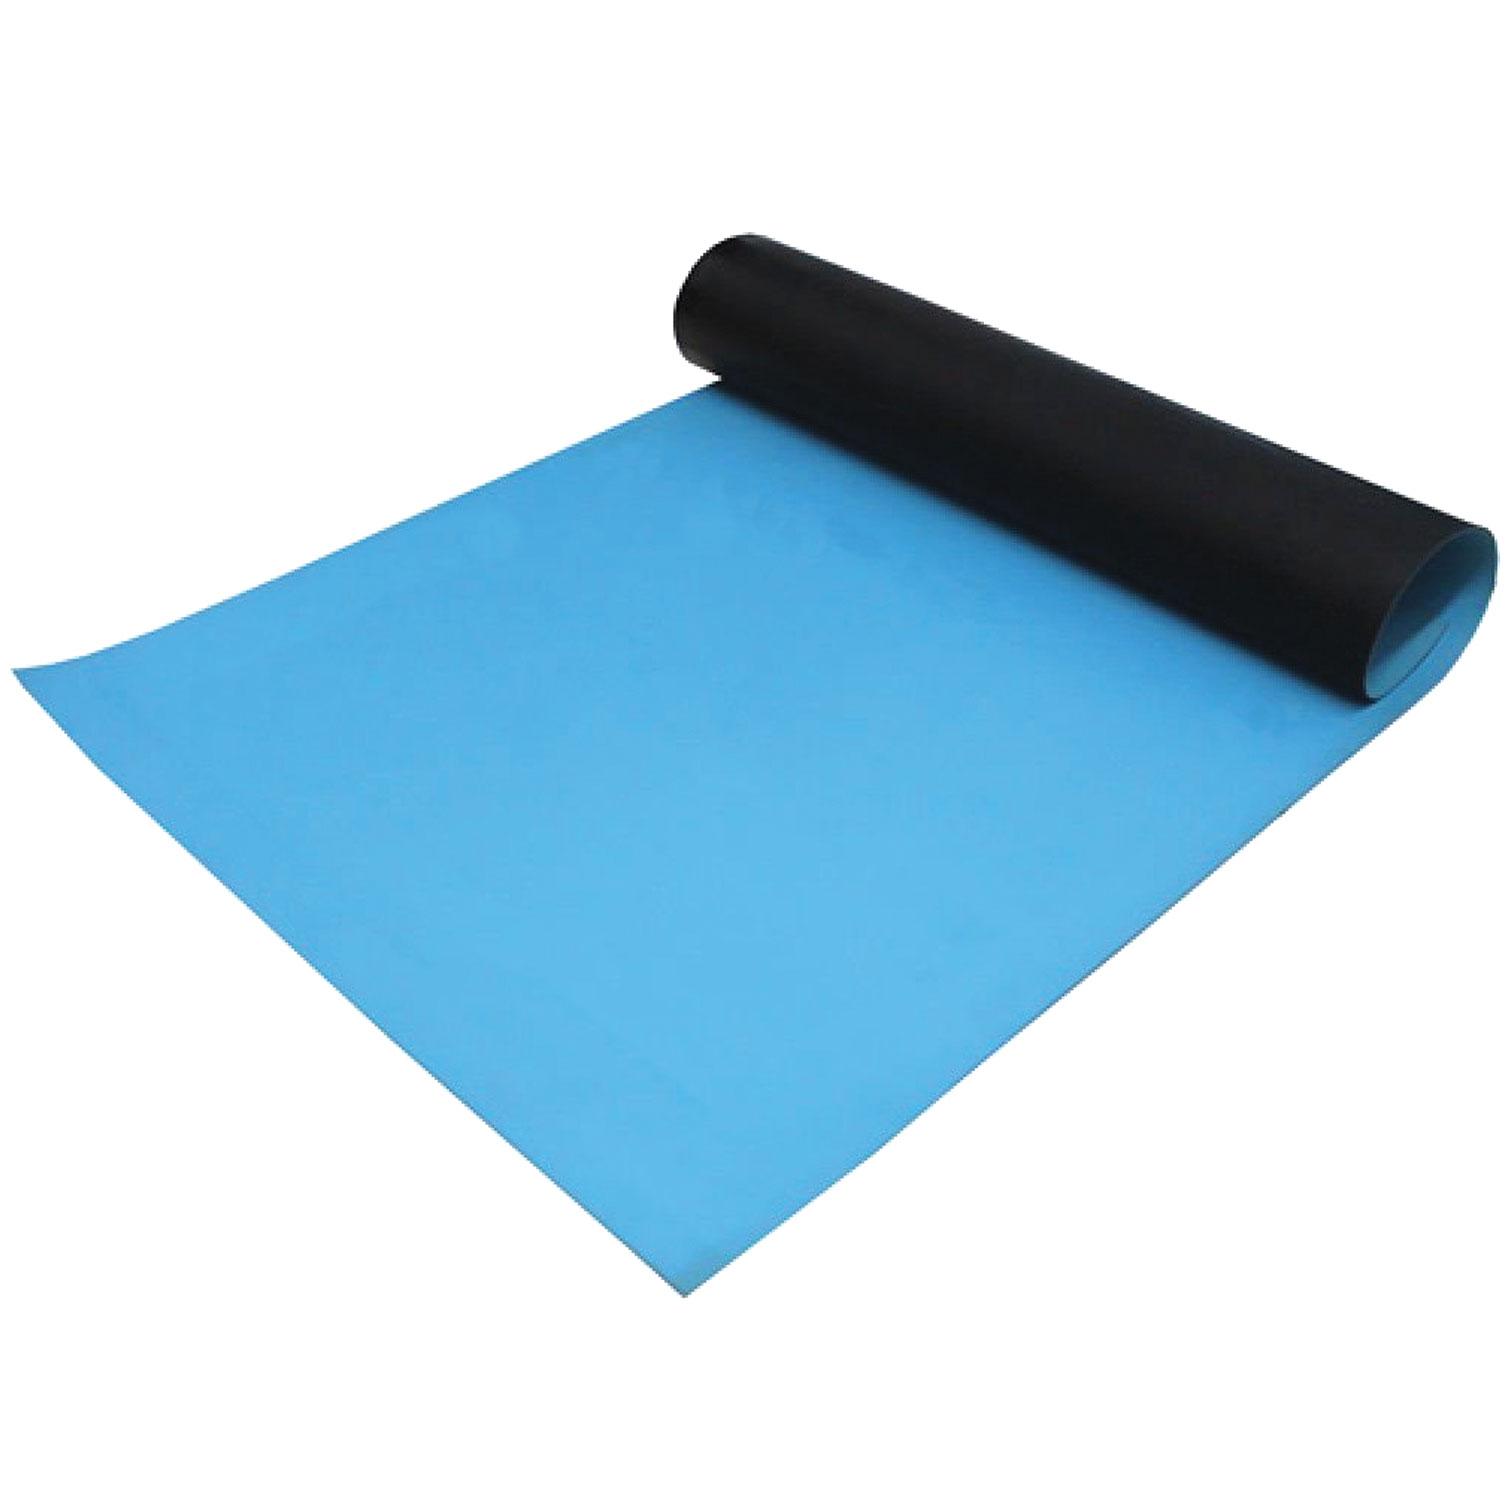 Manta Antiestática Azul 1,20m x 0,50m - Hikari